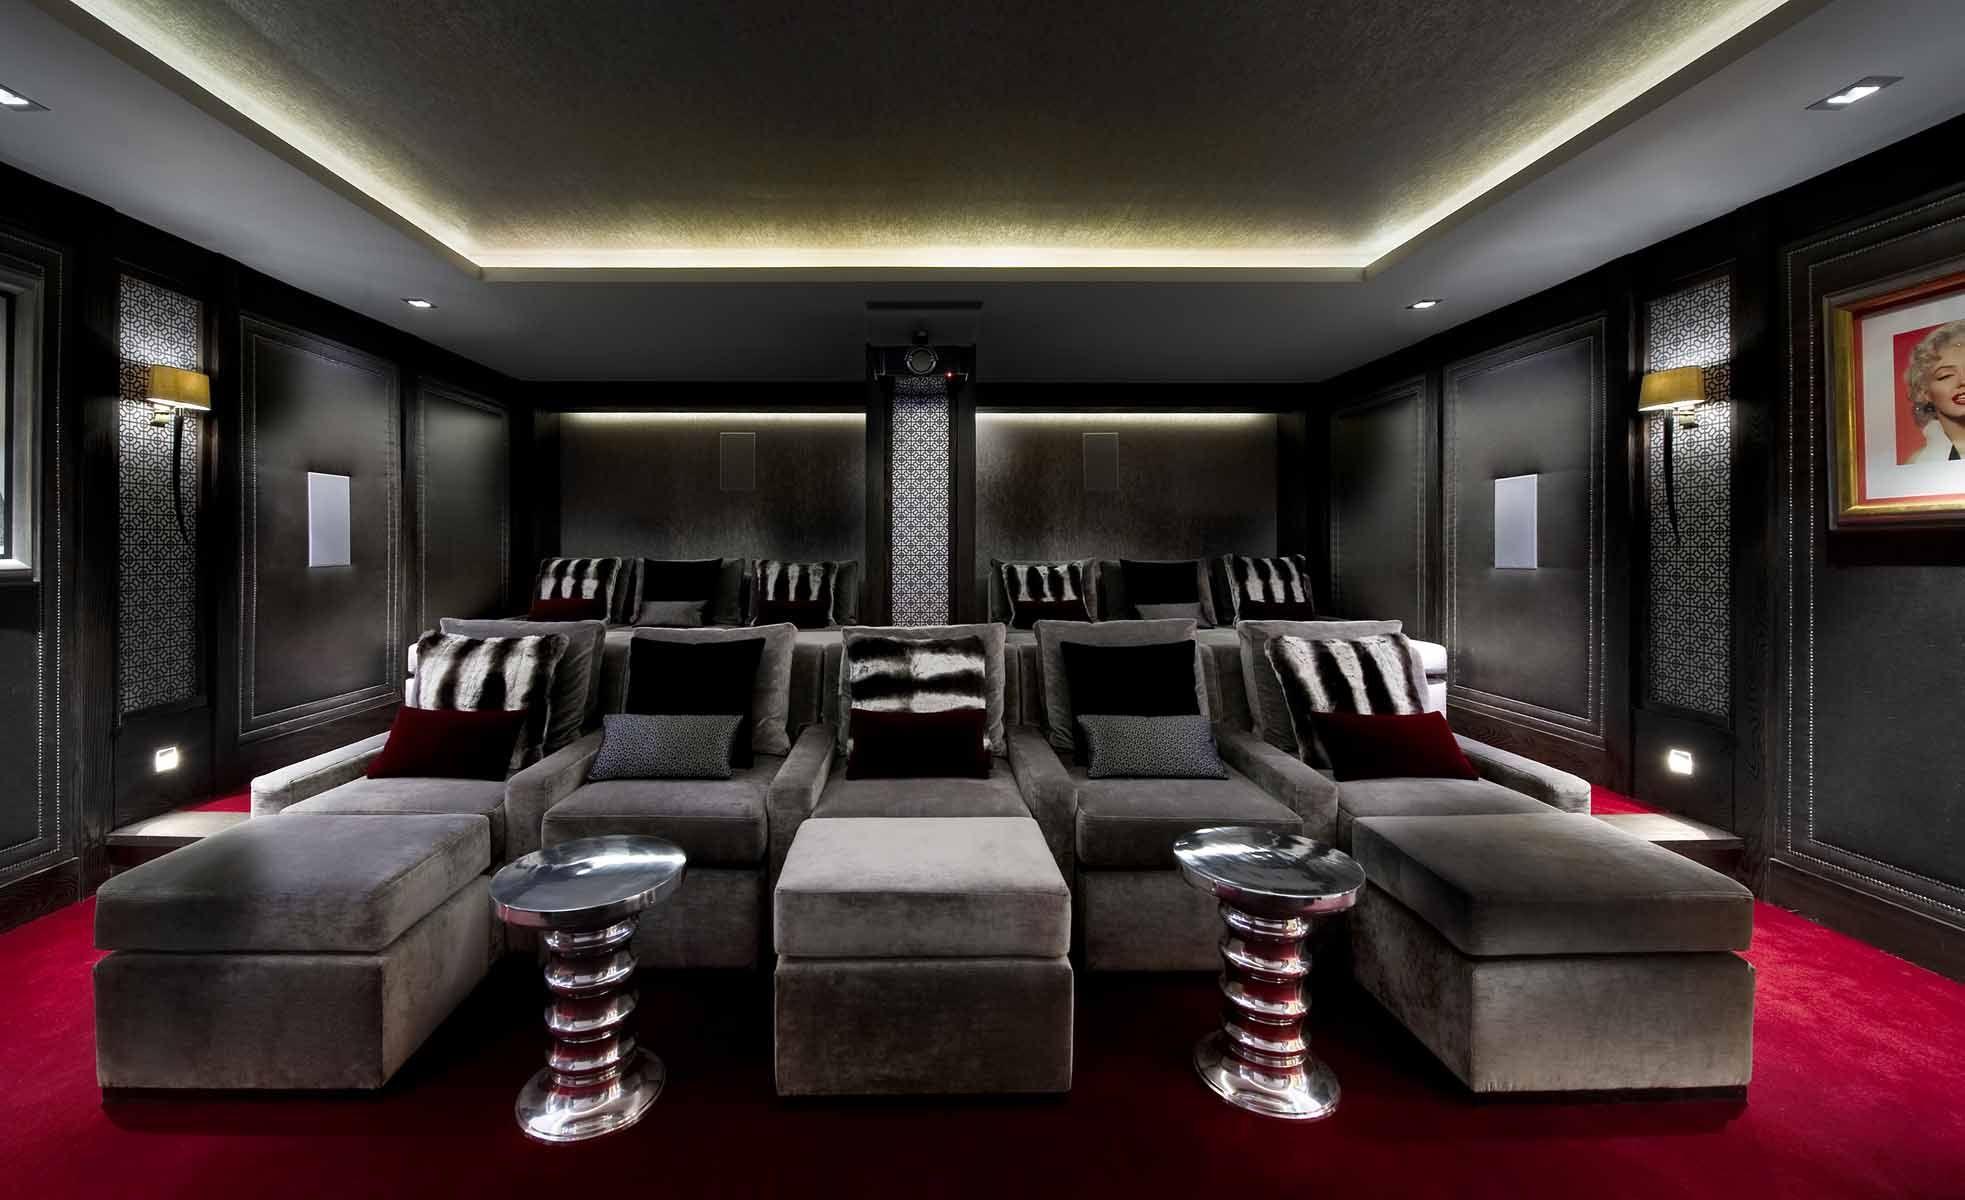 Bat Cinema | Courchevel 1850 | Interior Design Project, Luxury ... on surround sound interior design, blog interior design, cinema home furniture, cinema sofa,